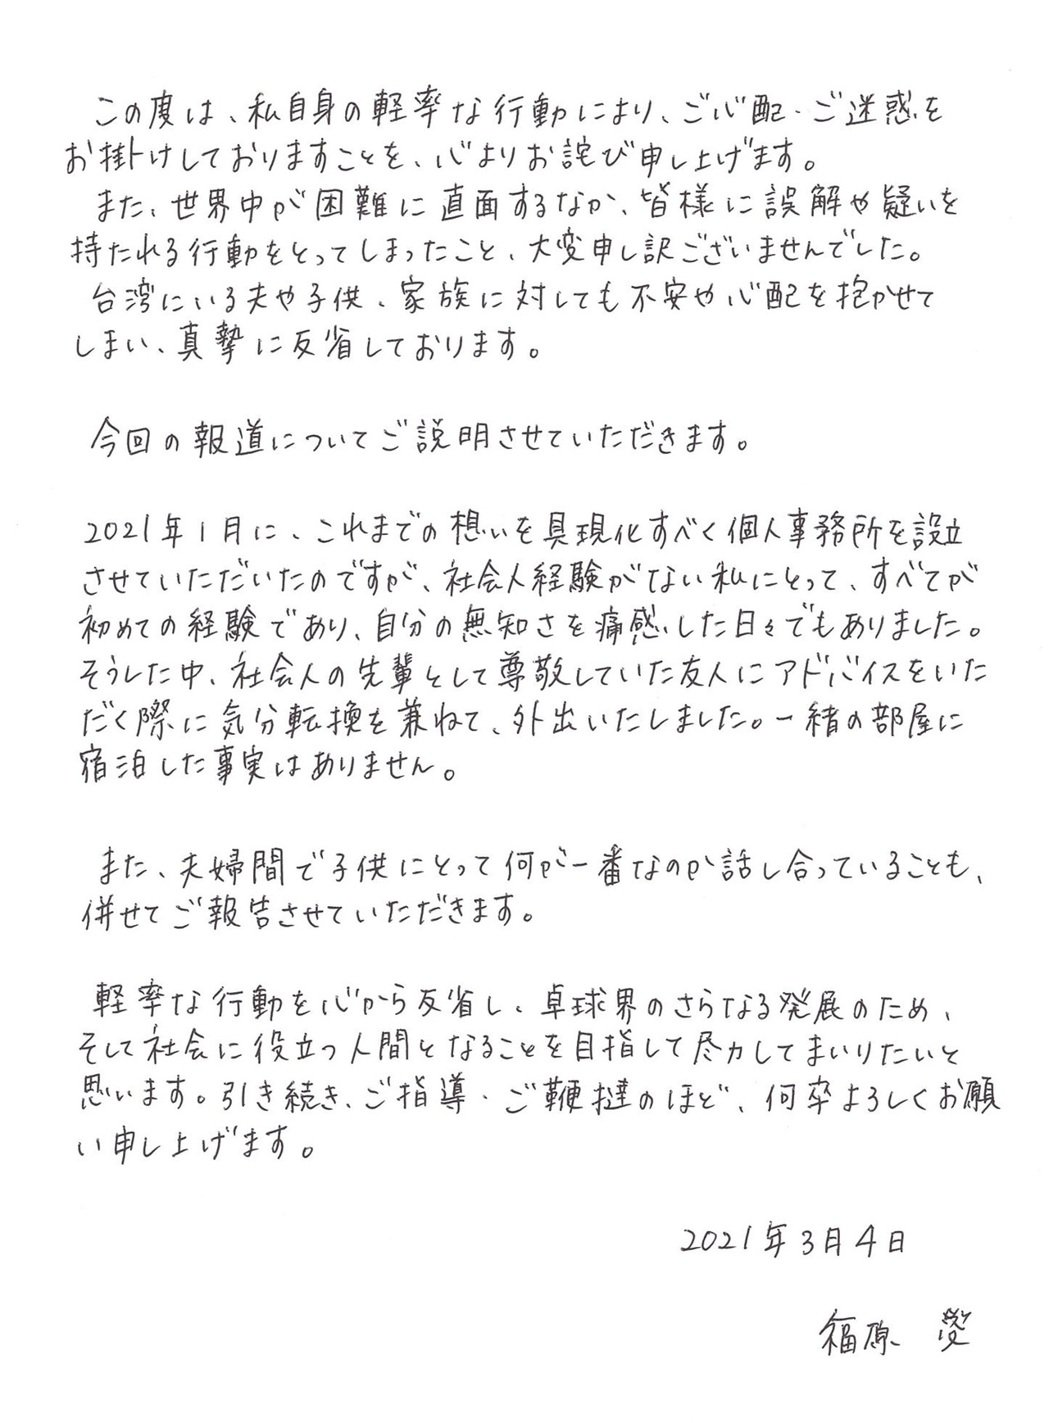 福原愛發聲明澄清外界謠言。圖/摘自日本電通